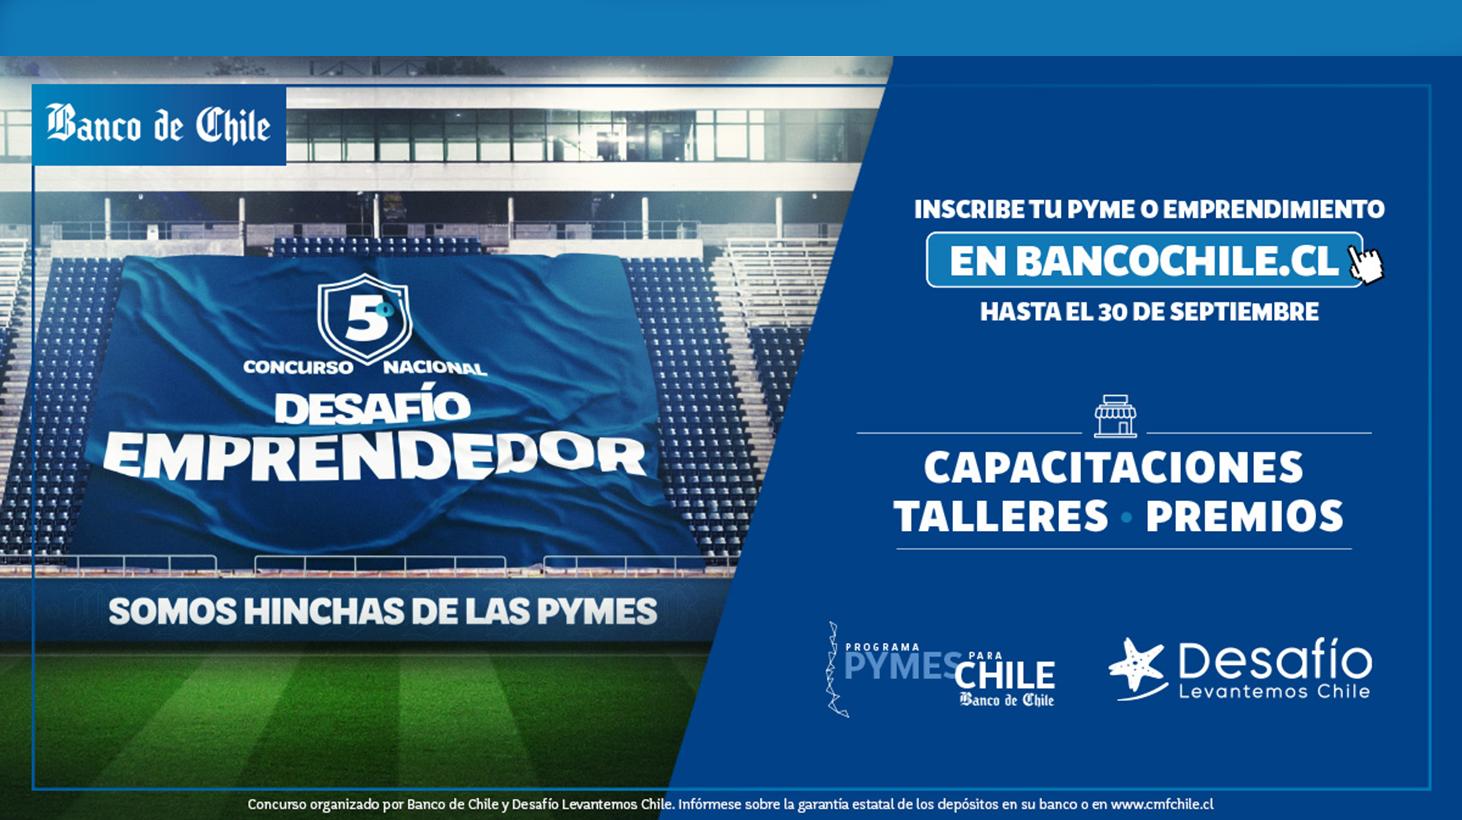 Banco de Chile y Desafío Levantemos Chile lanzan 5º Concurso Nacional Desafío Emprendedor.